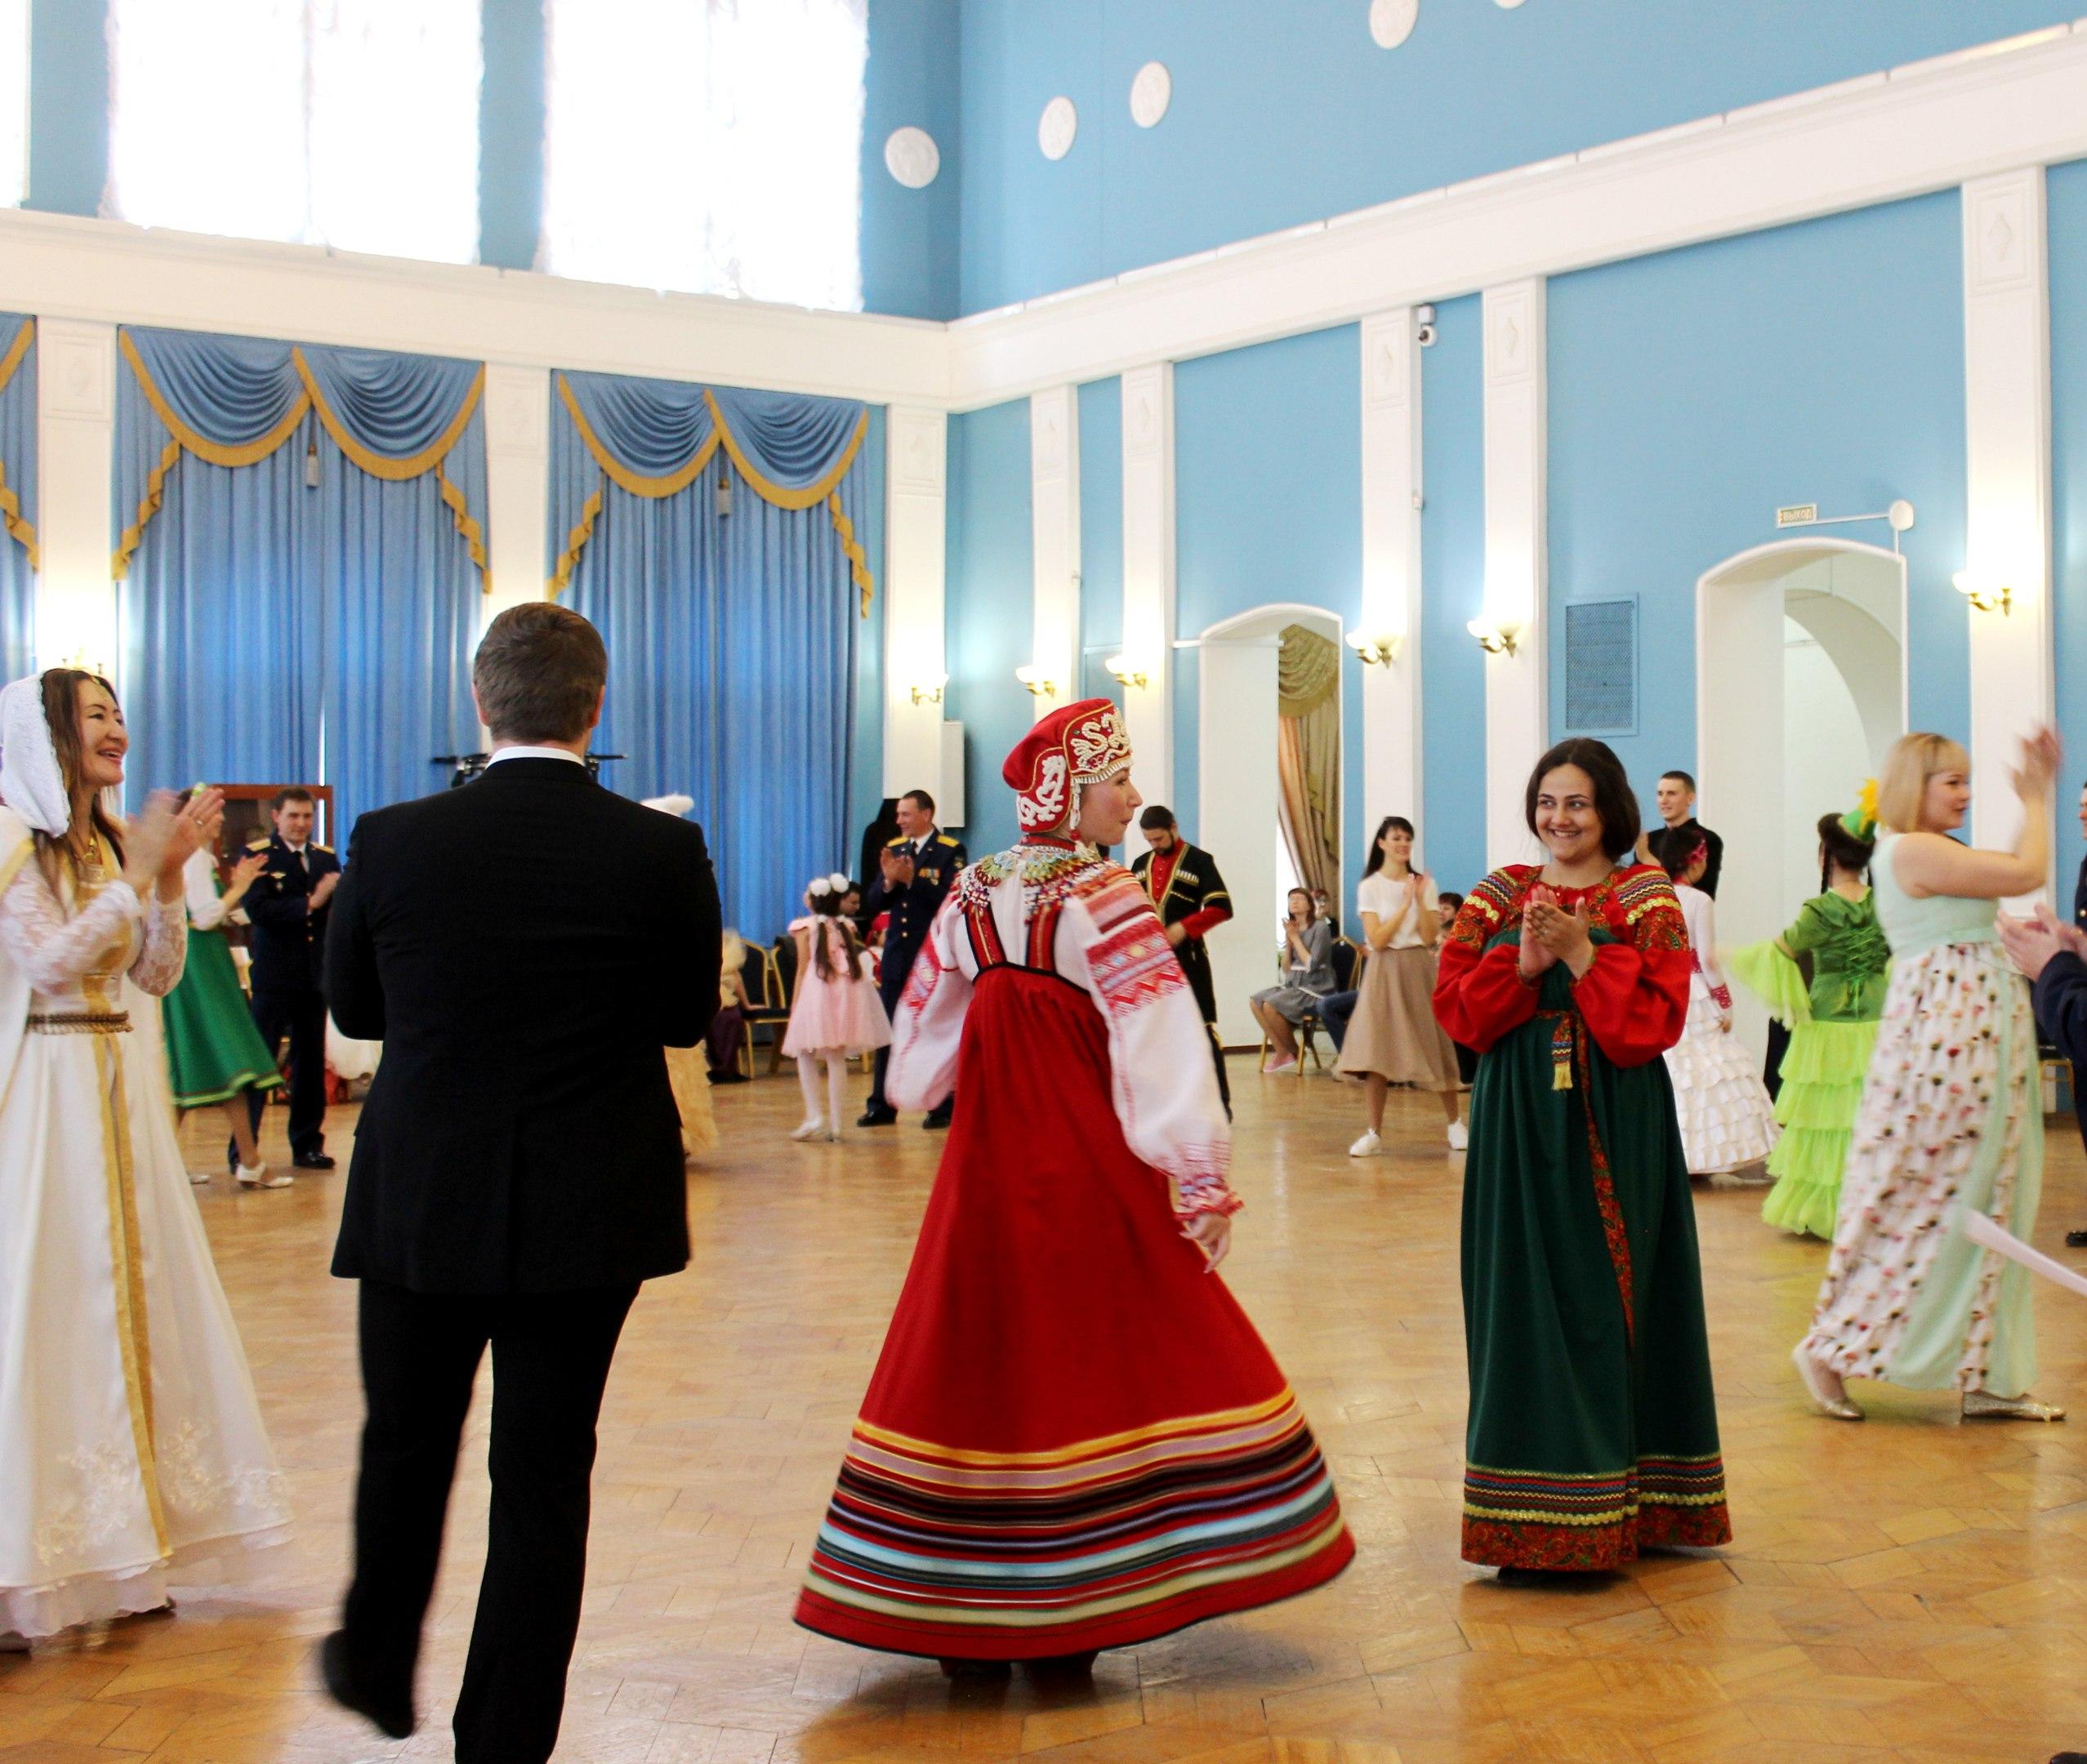 Ансамбль «Астраханская песня» выступил на танцевальном балу «Дружба народов»